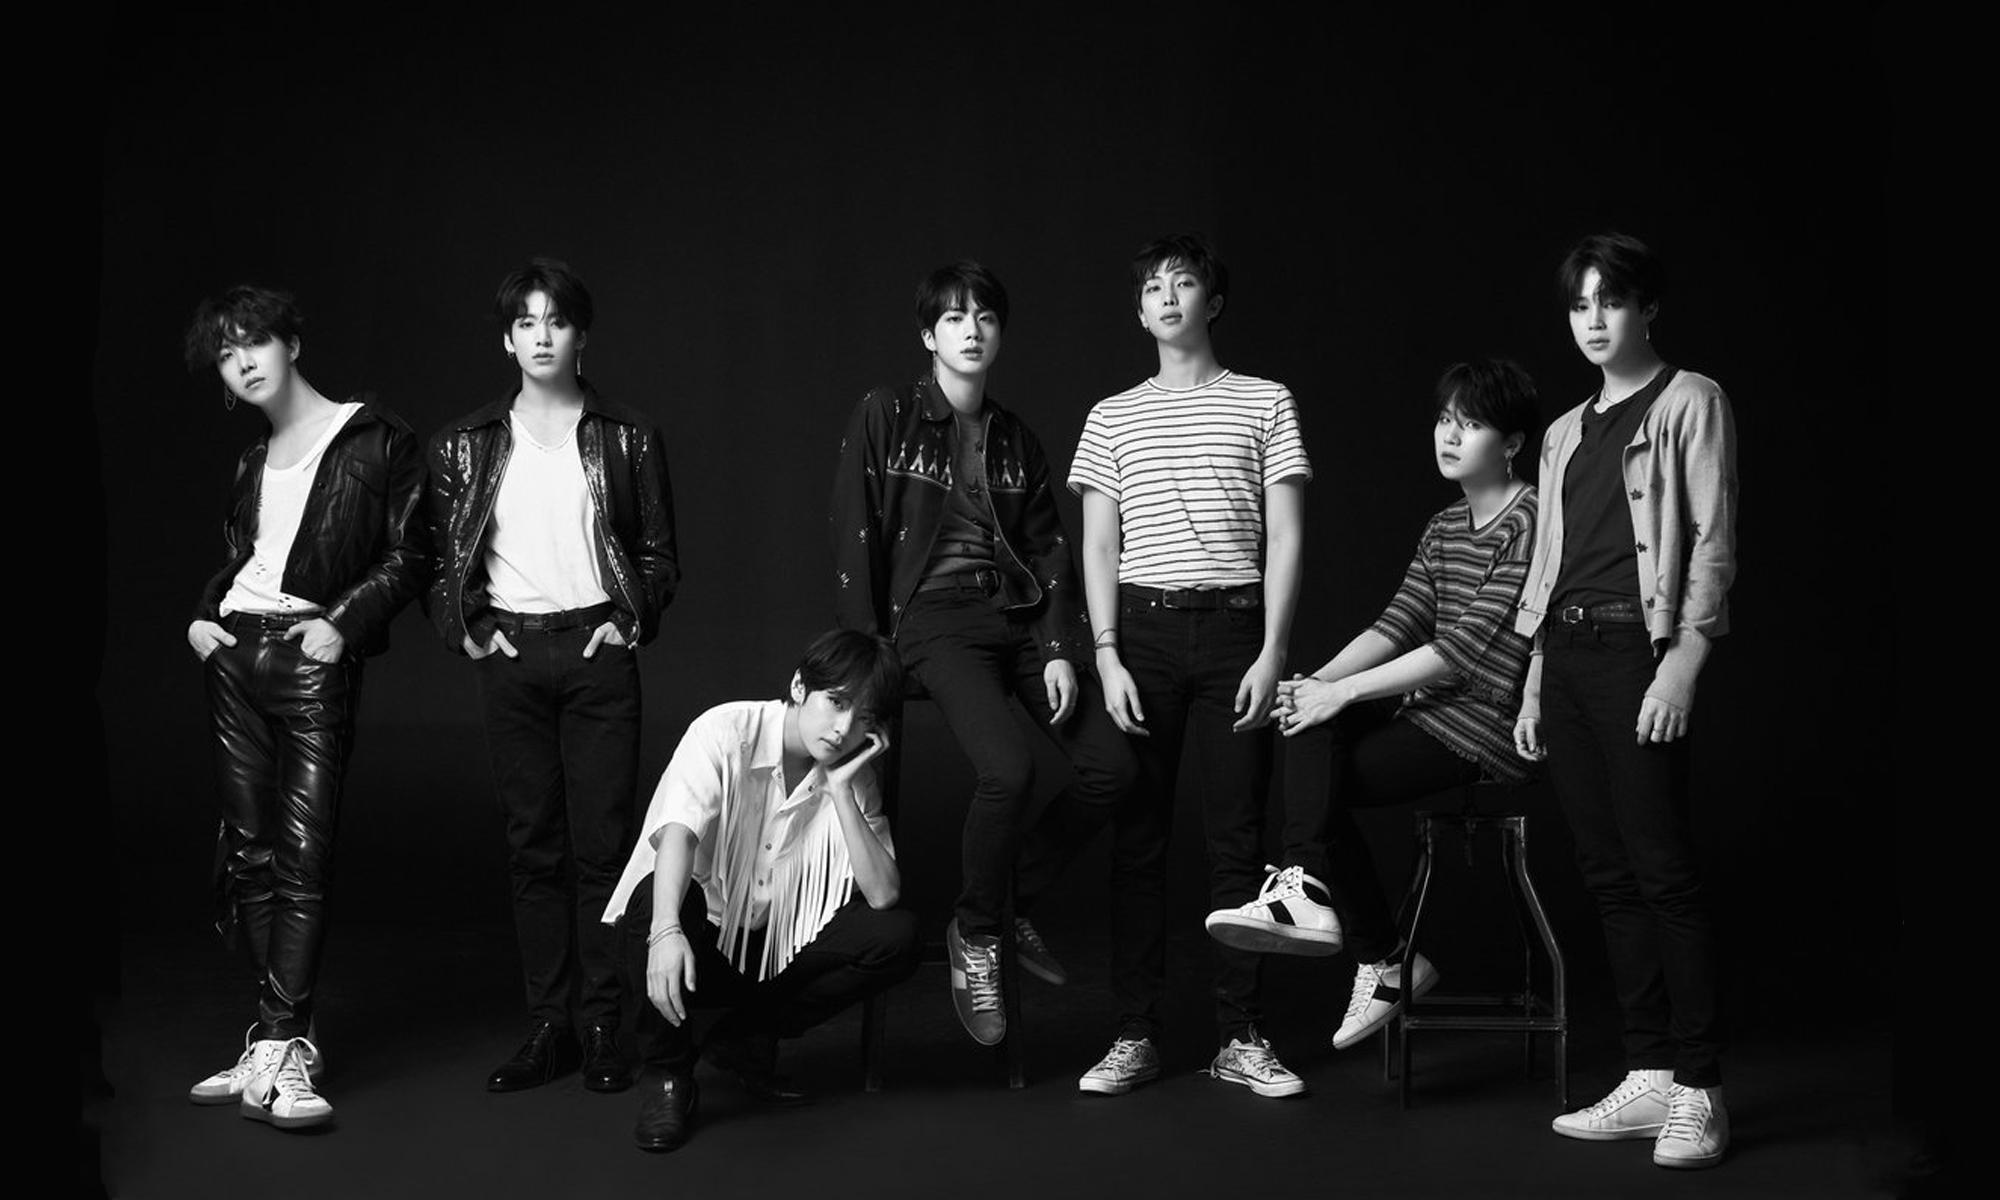 BTS LAND (방탄소년단)